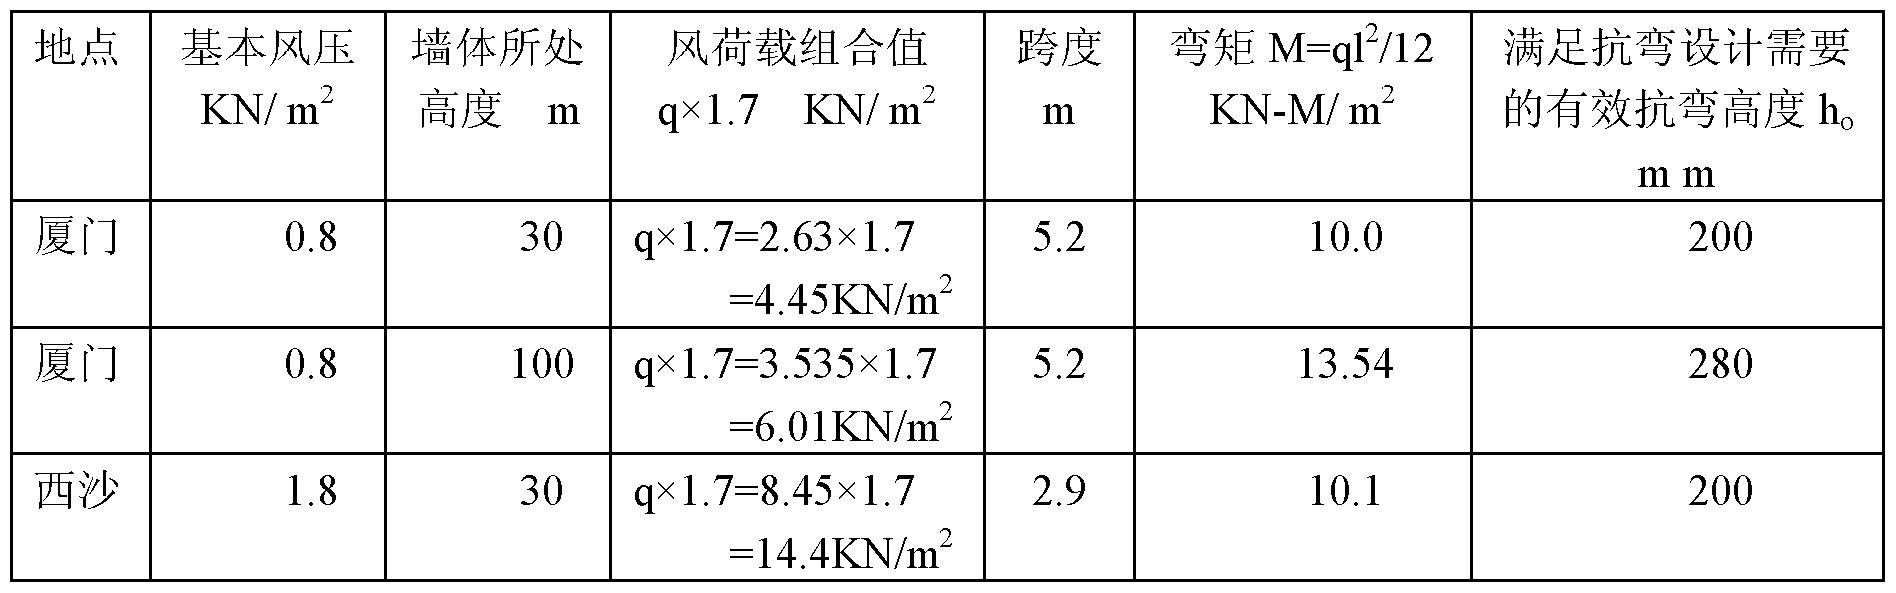 Figure imgf000007_0001